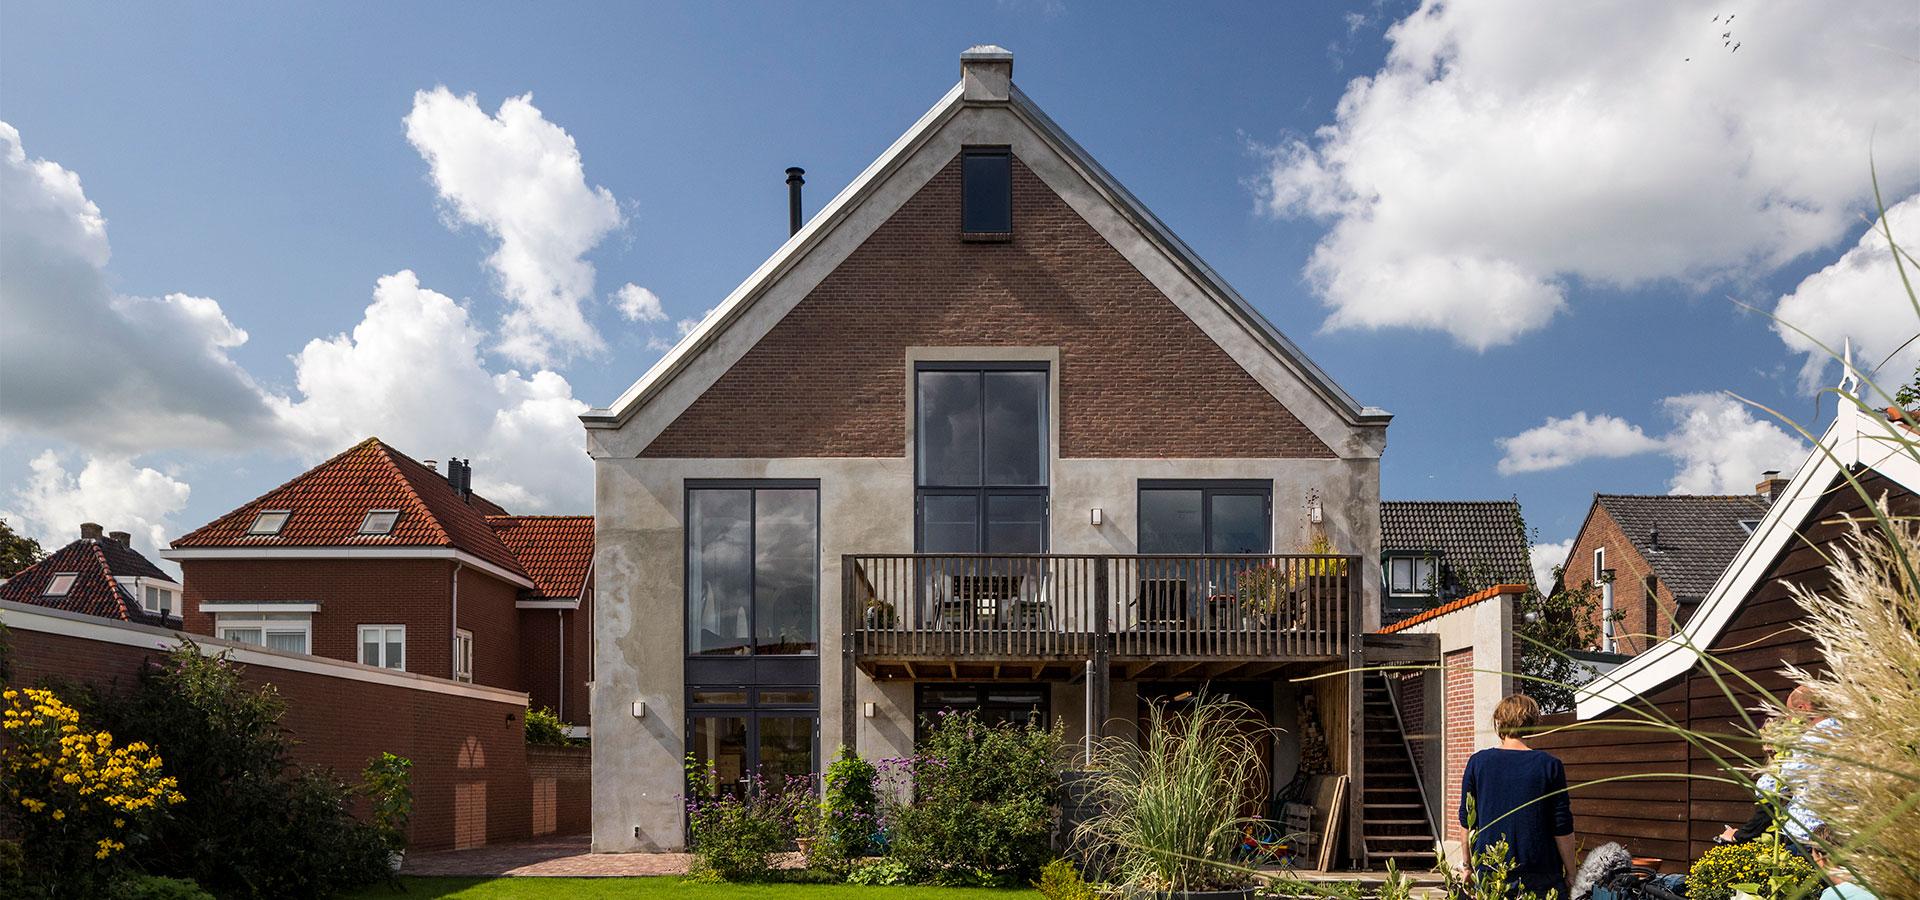 FARO architecten herbestemming kerkje Alphen aan den Rijn 05